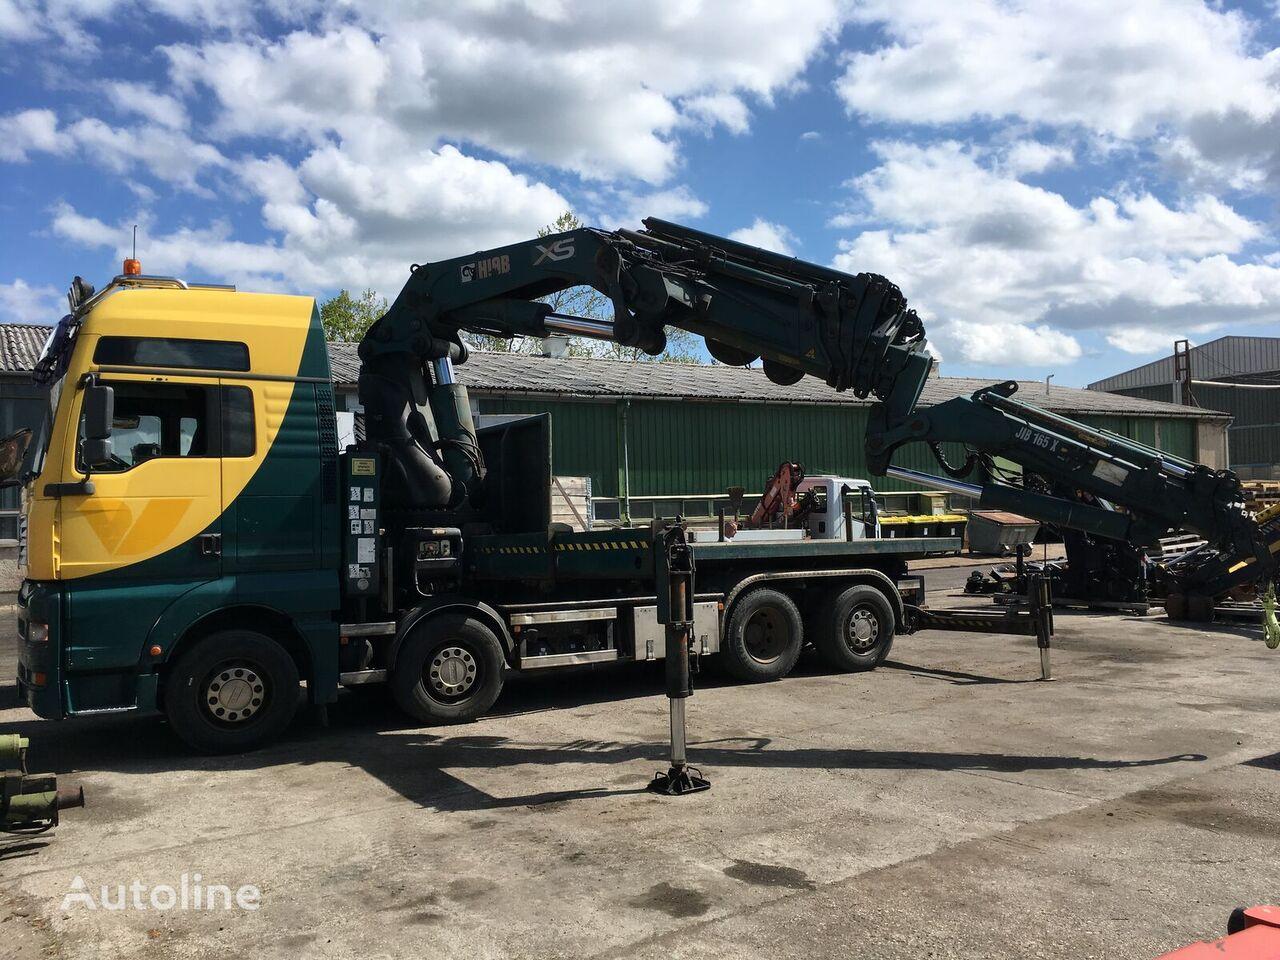 MAN TGA 35.430 8x2-4 BL platform truck